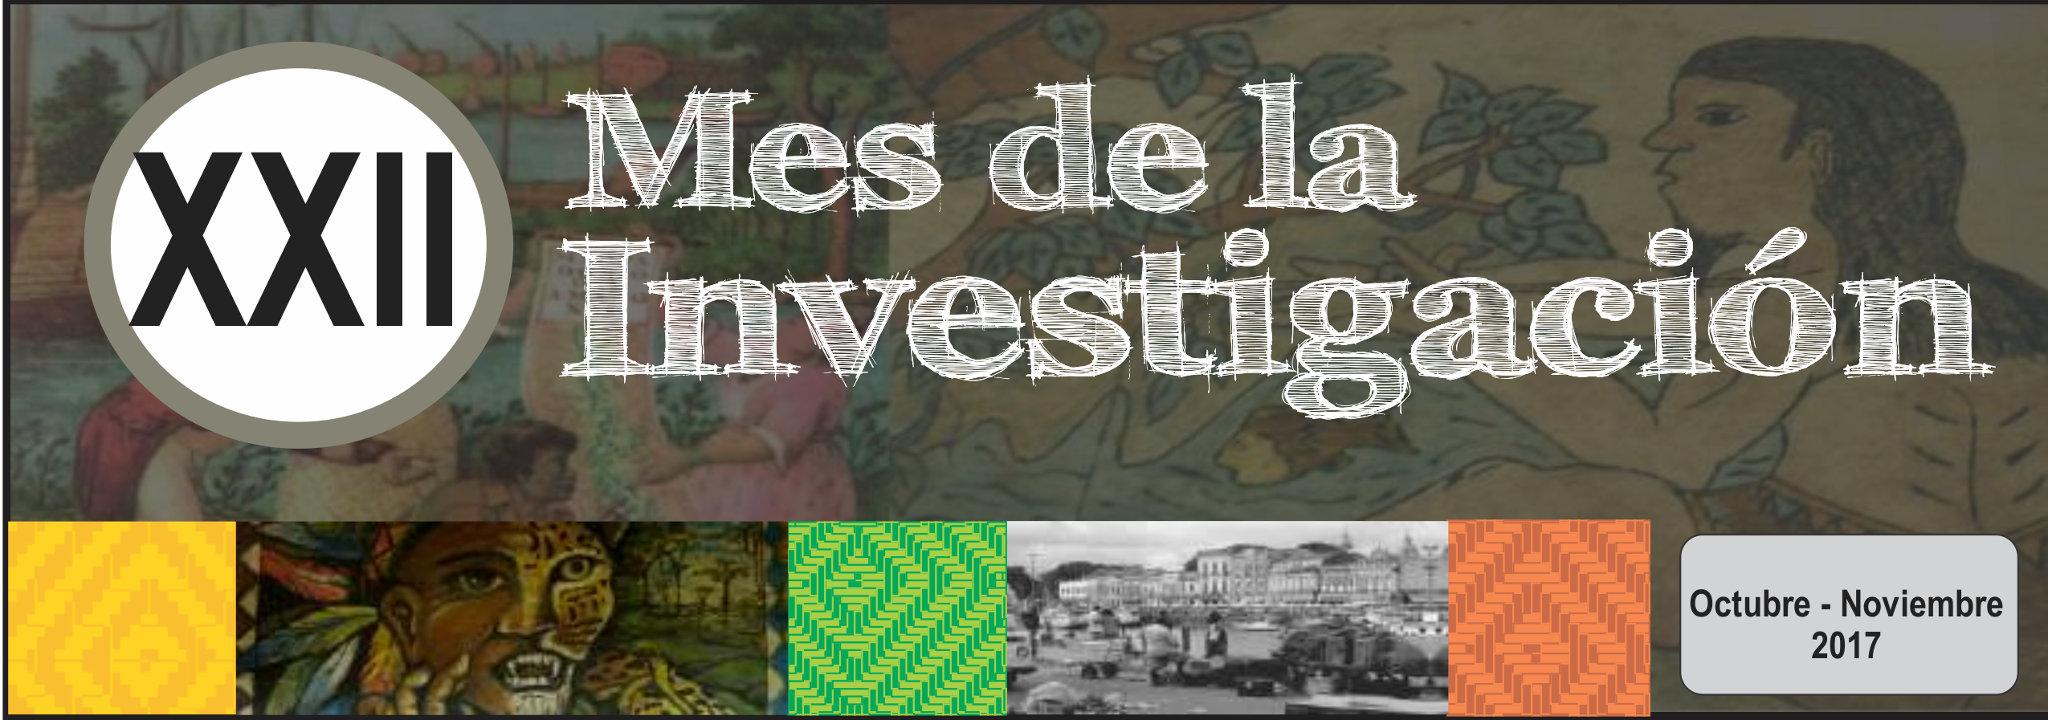 XXII Mes de la Investigación de la Sede Amazonia